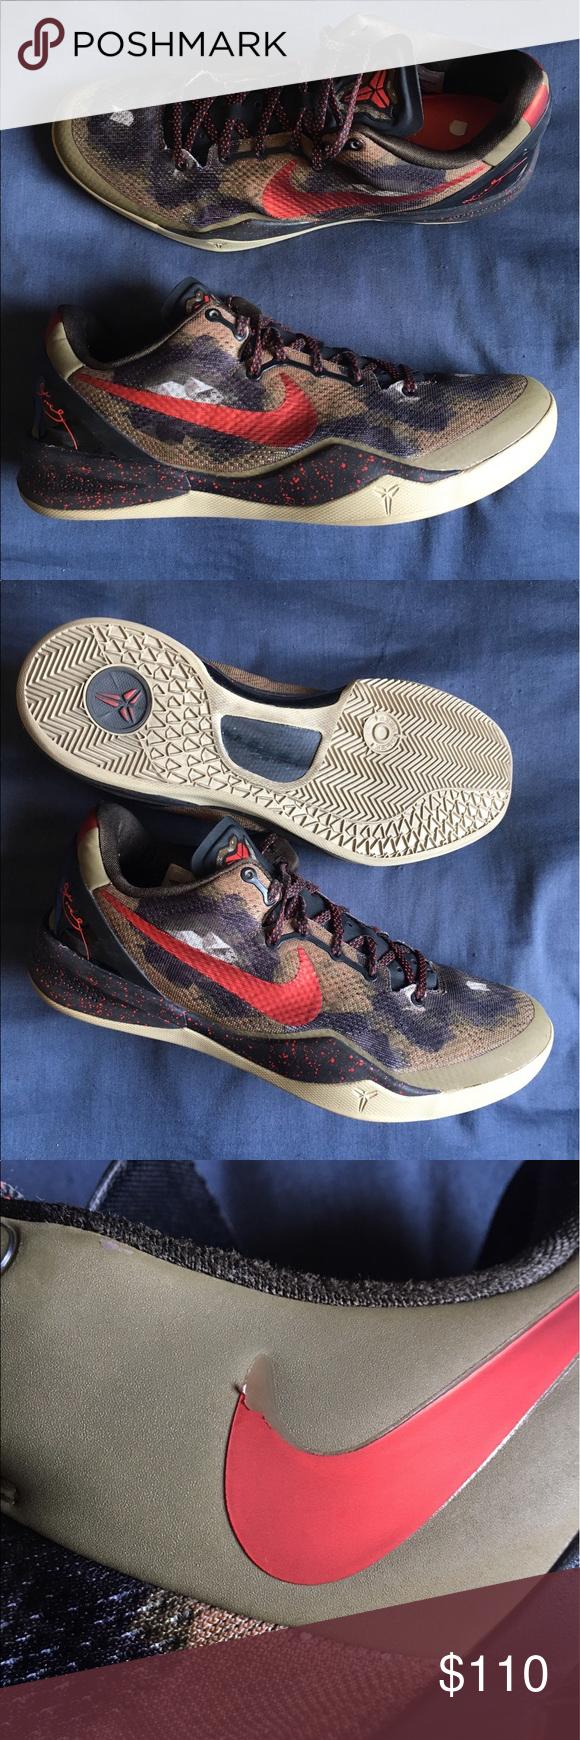 Nike Kobe 8 Python size 11.5